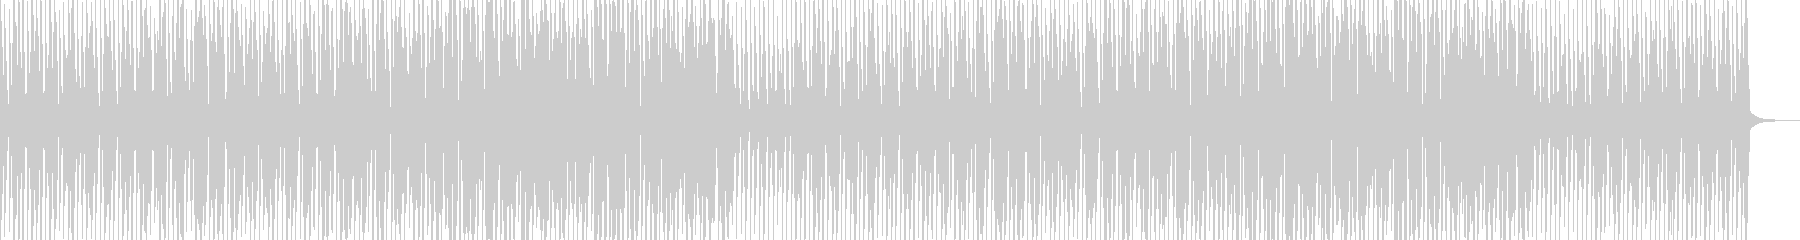 ほのぼのポップな日常系の未再生の波形